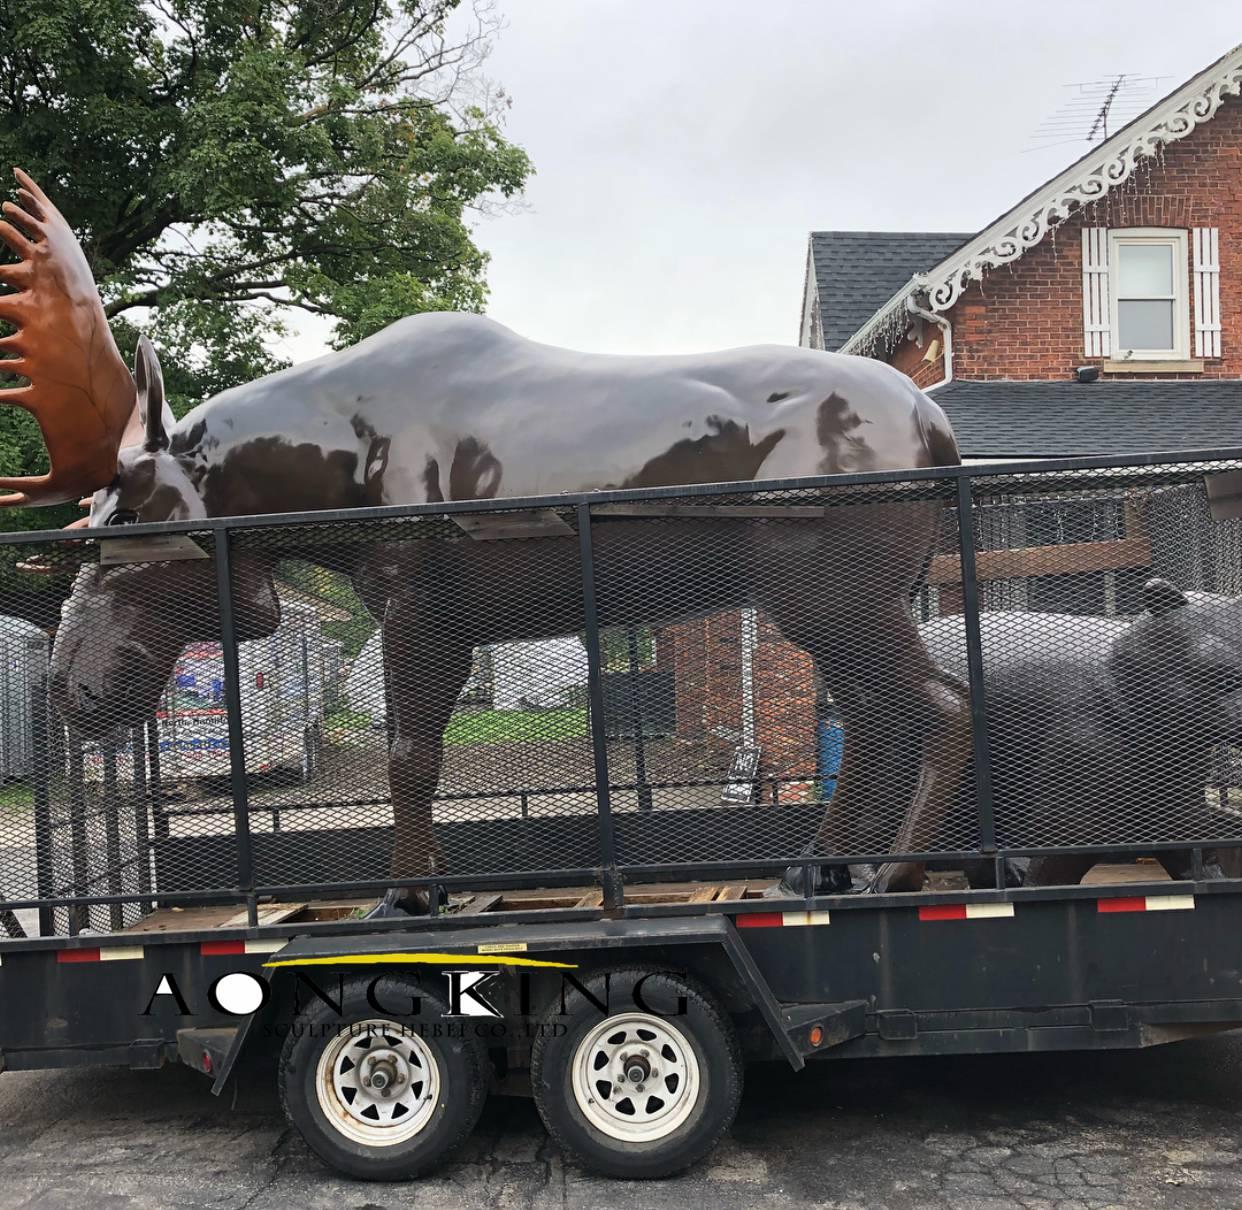 Moose statue fiberglass sculpture